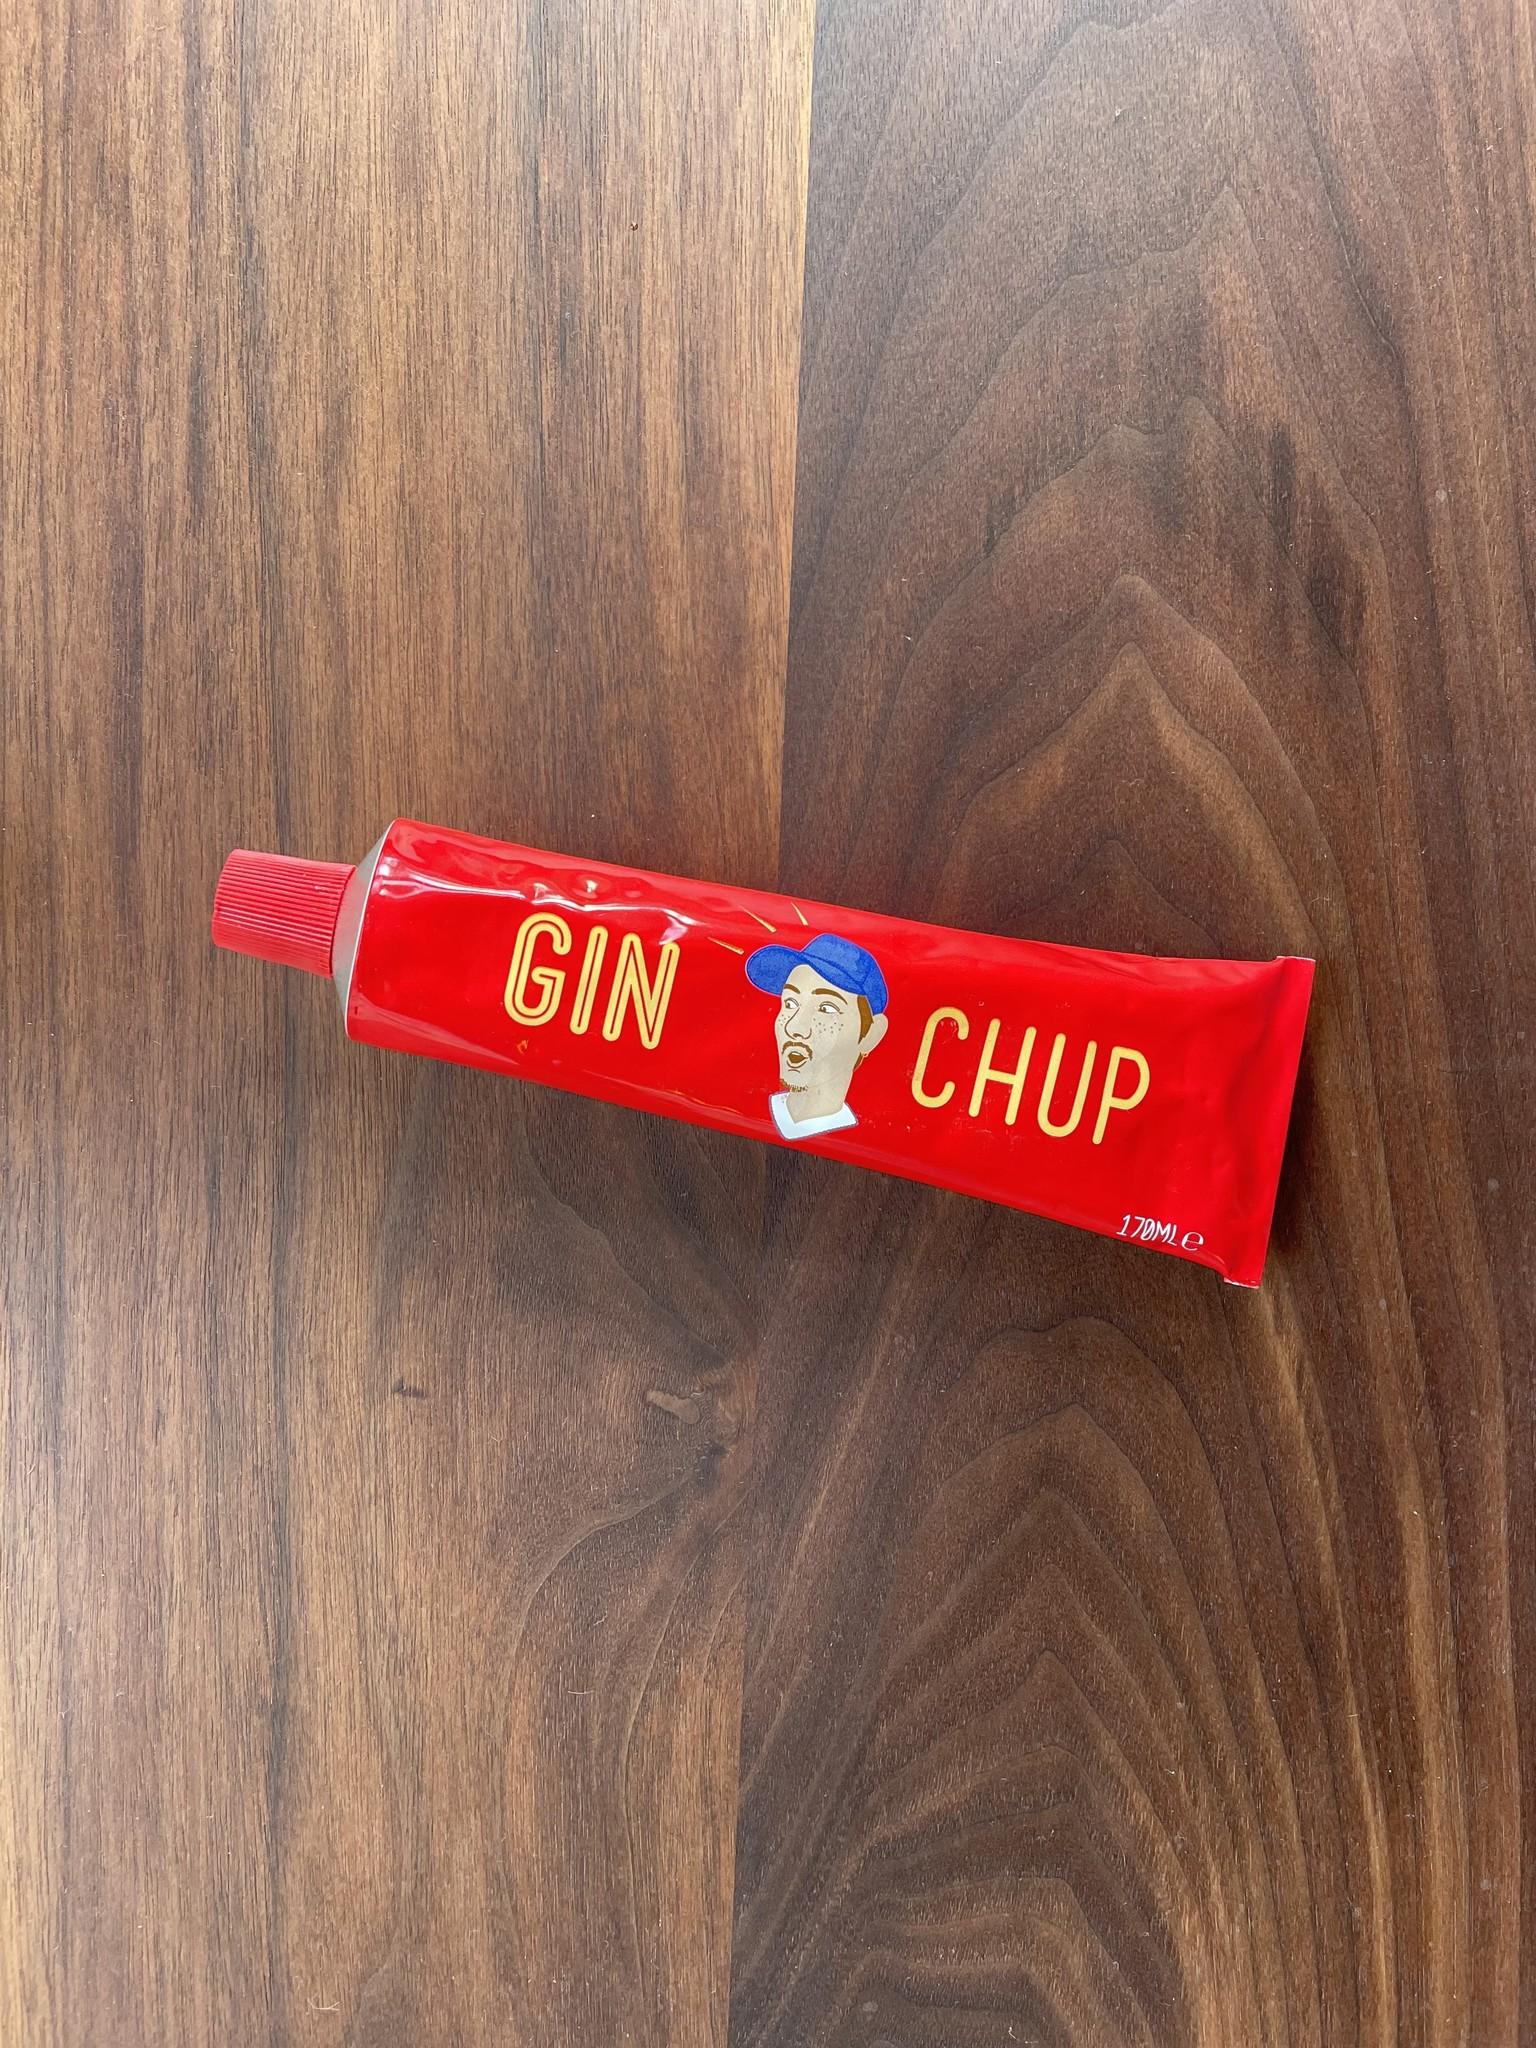 Gin Chup Tube-1